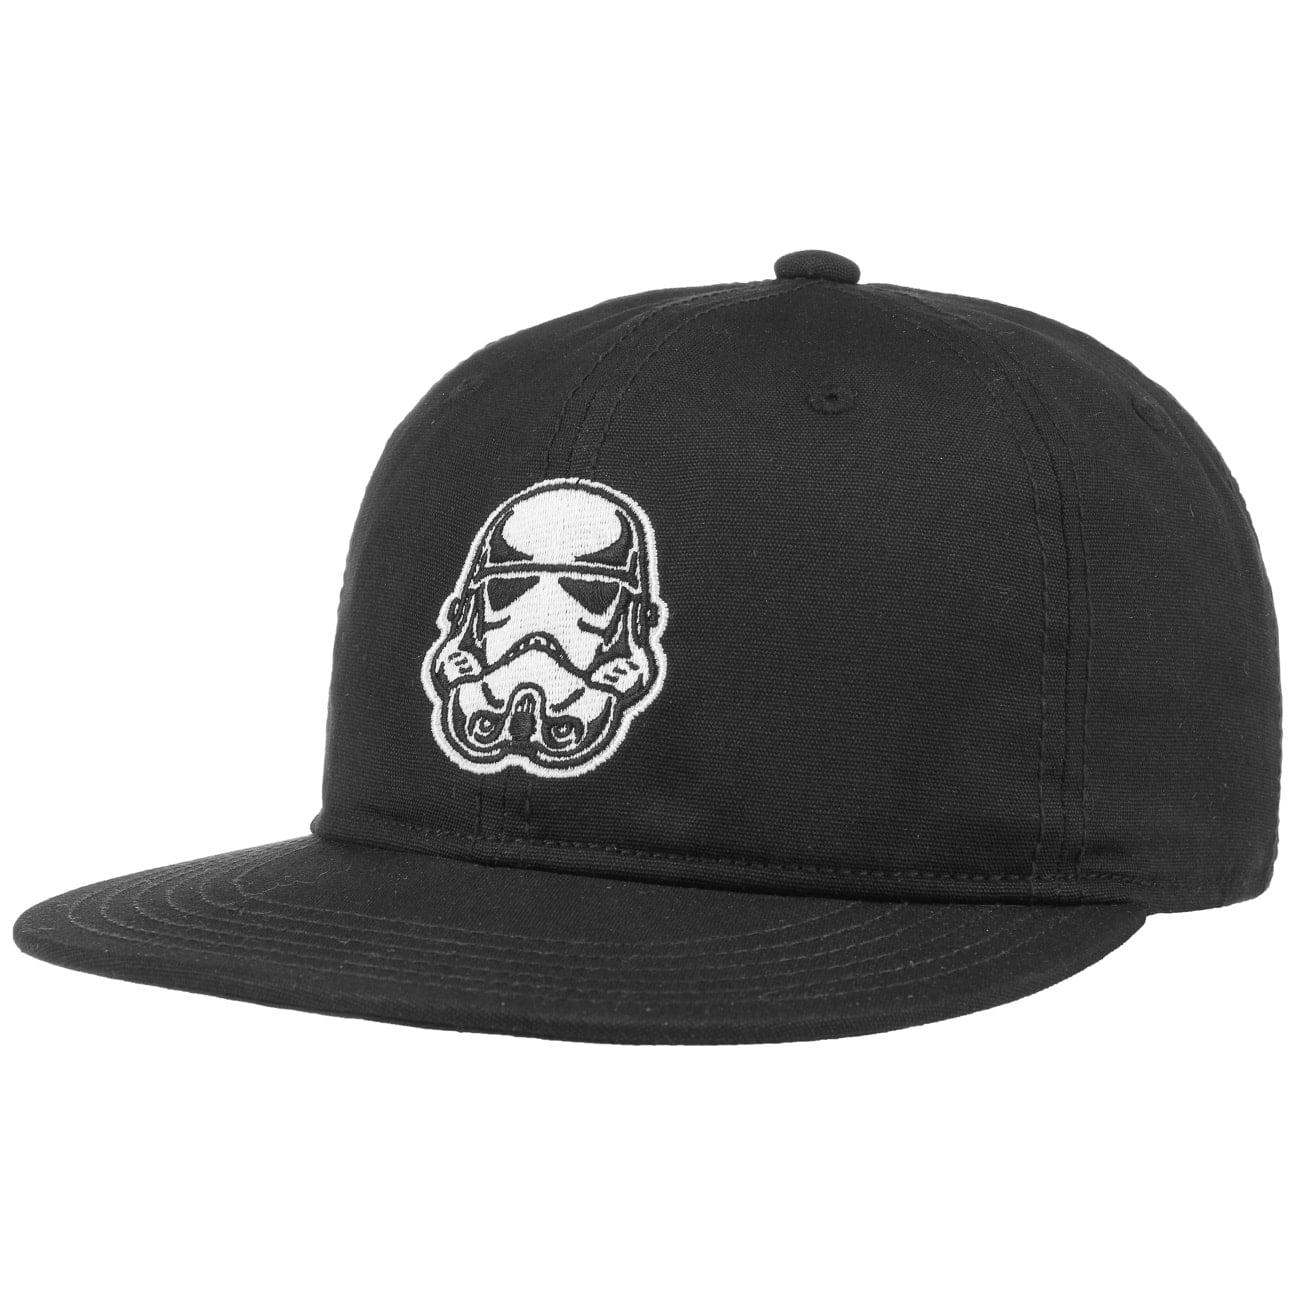 Gorra Trooper Head Snapback by dedicated